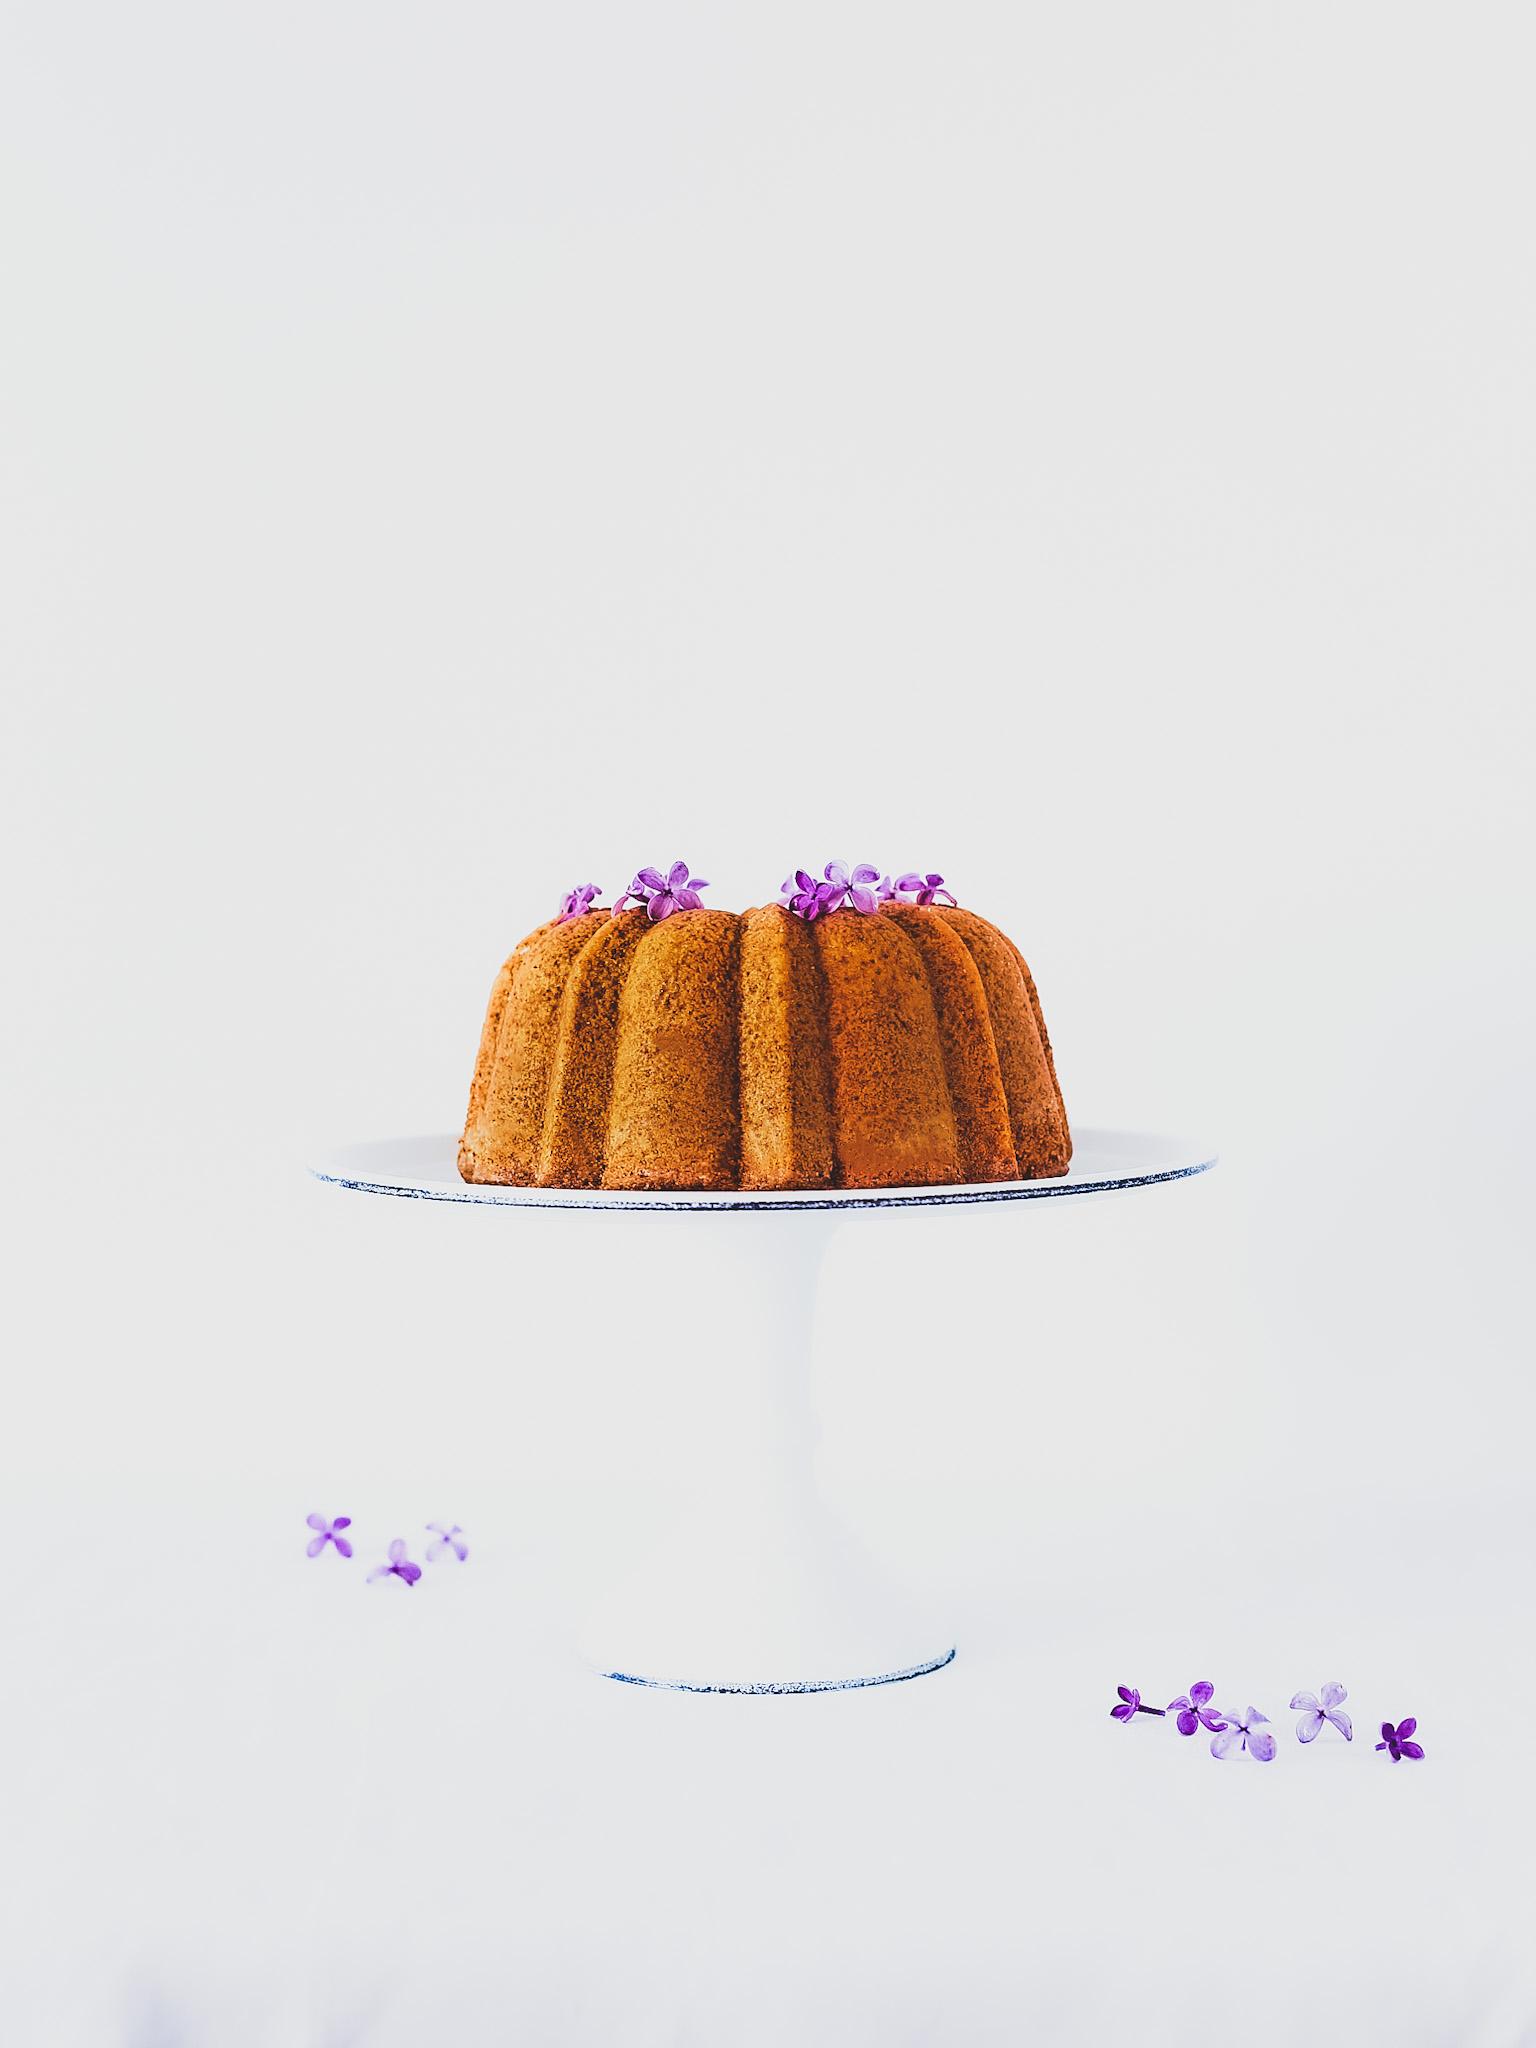 Bizcocho de miel con lilas